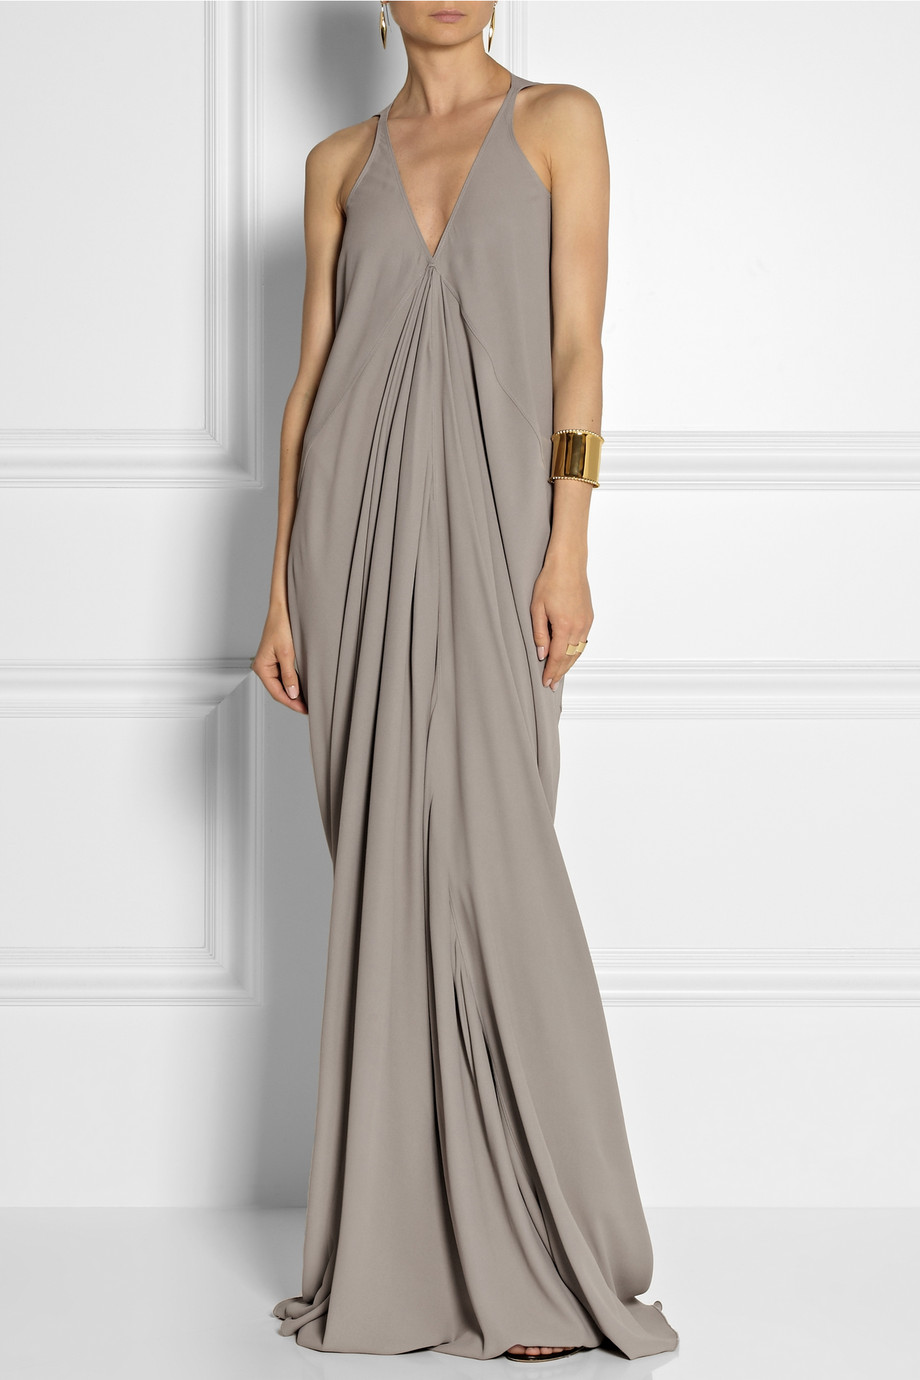 Rick Owens Свадебные платья для хулиганок, которые оценила бы Анджелина Джоли